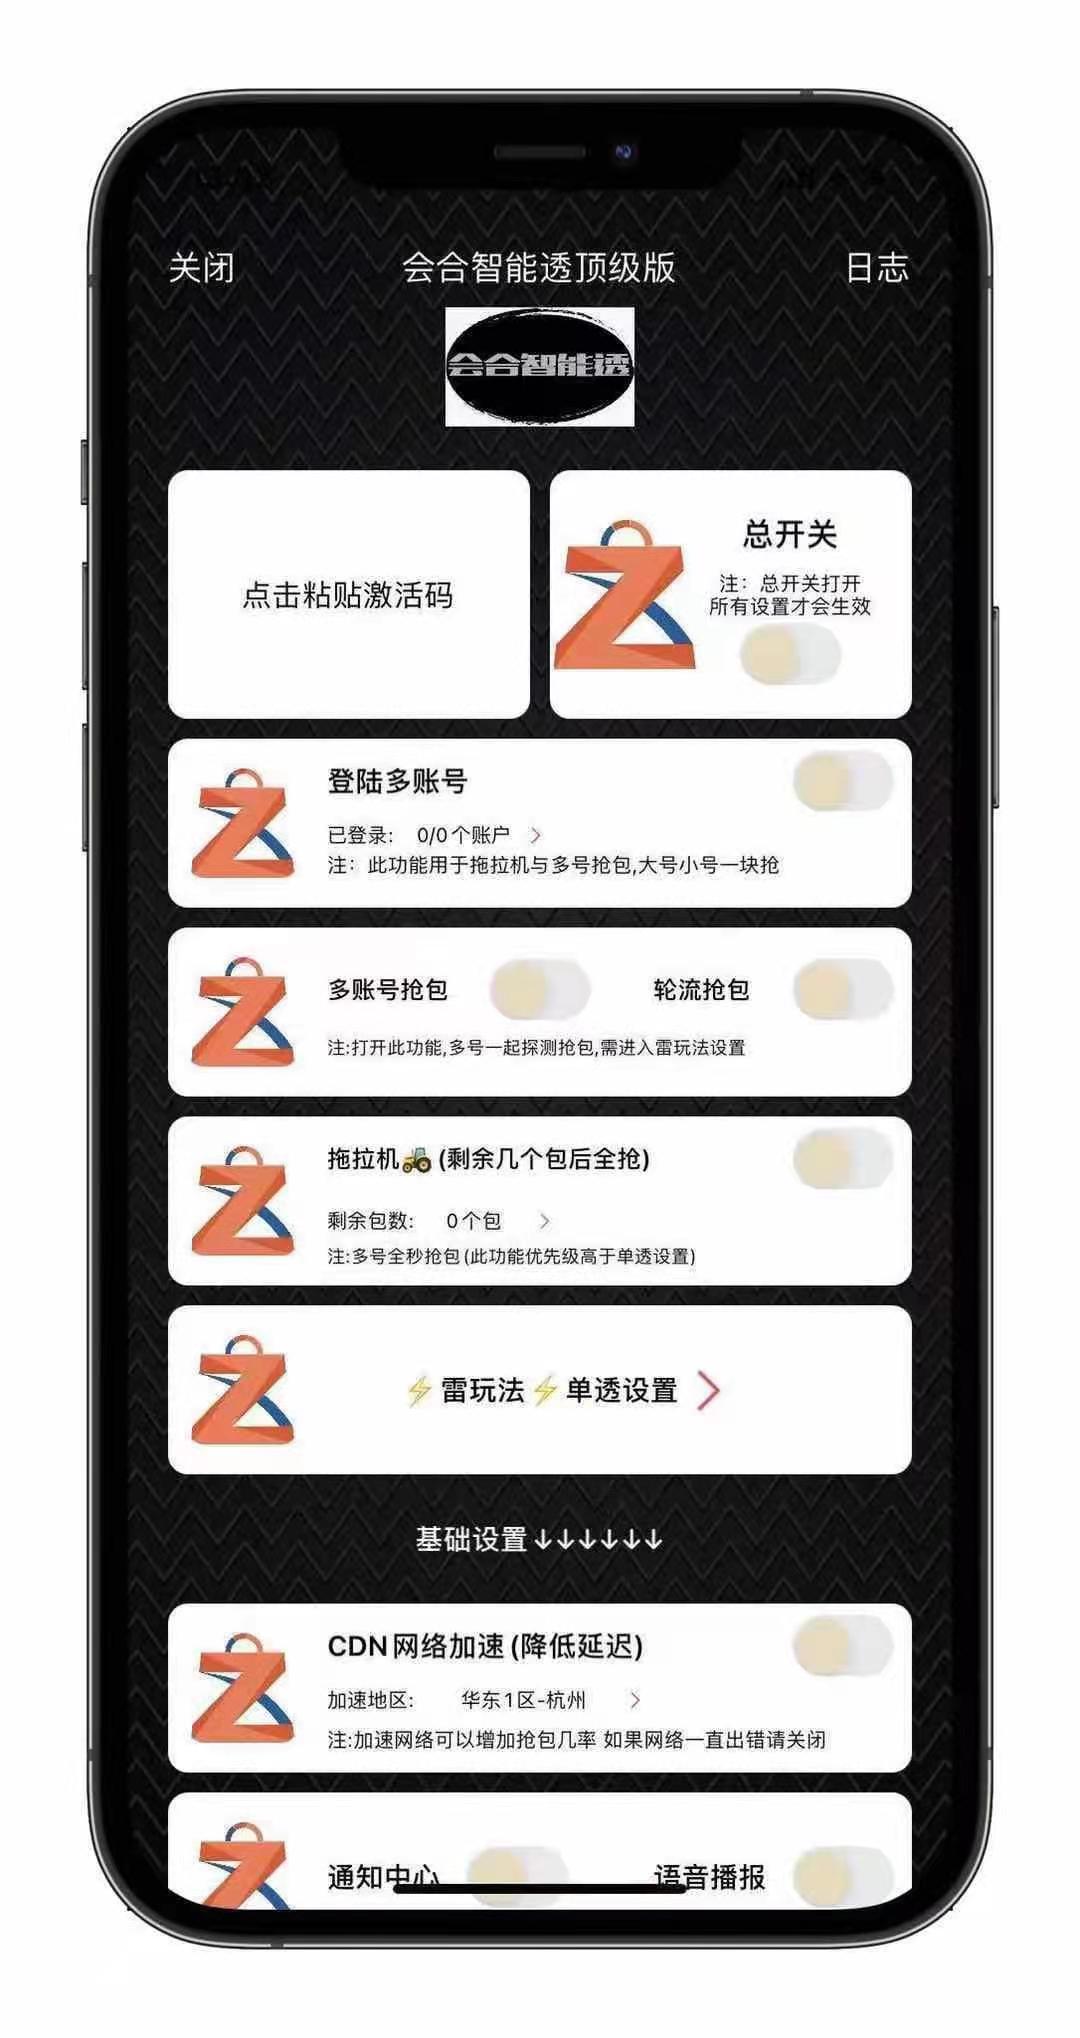 【会合智能透顶级版小时卡】苹果版